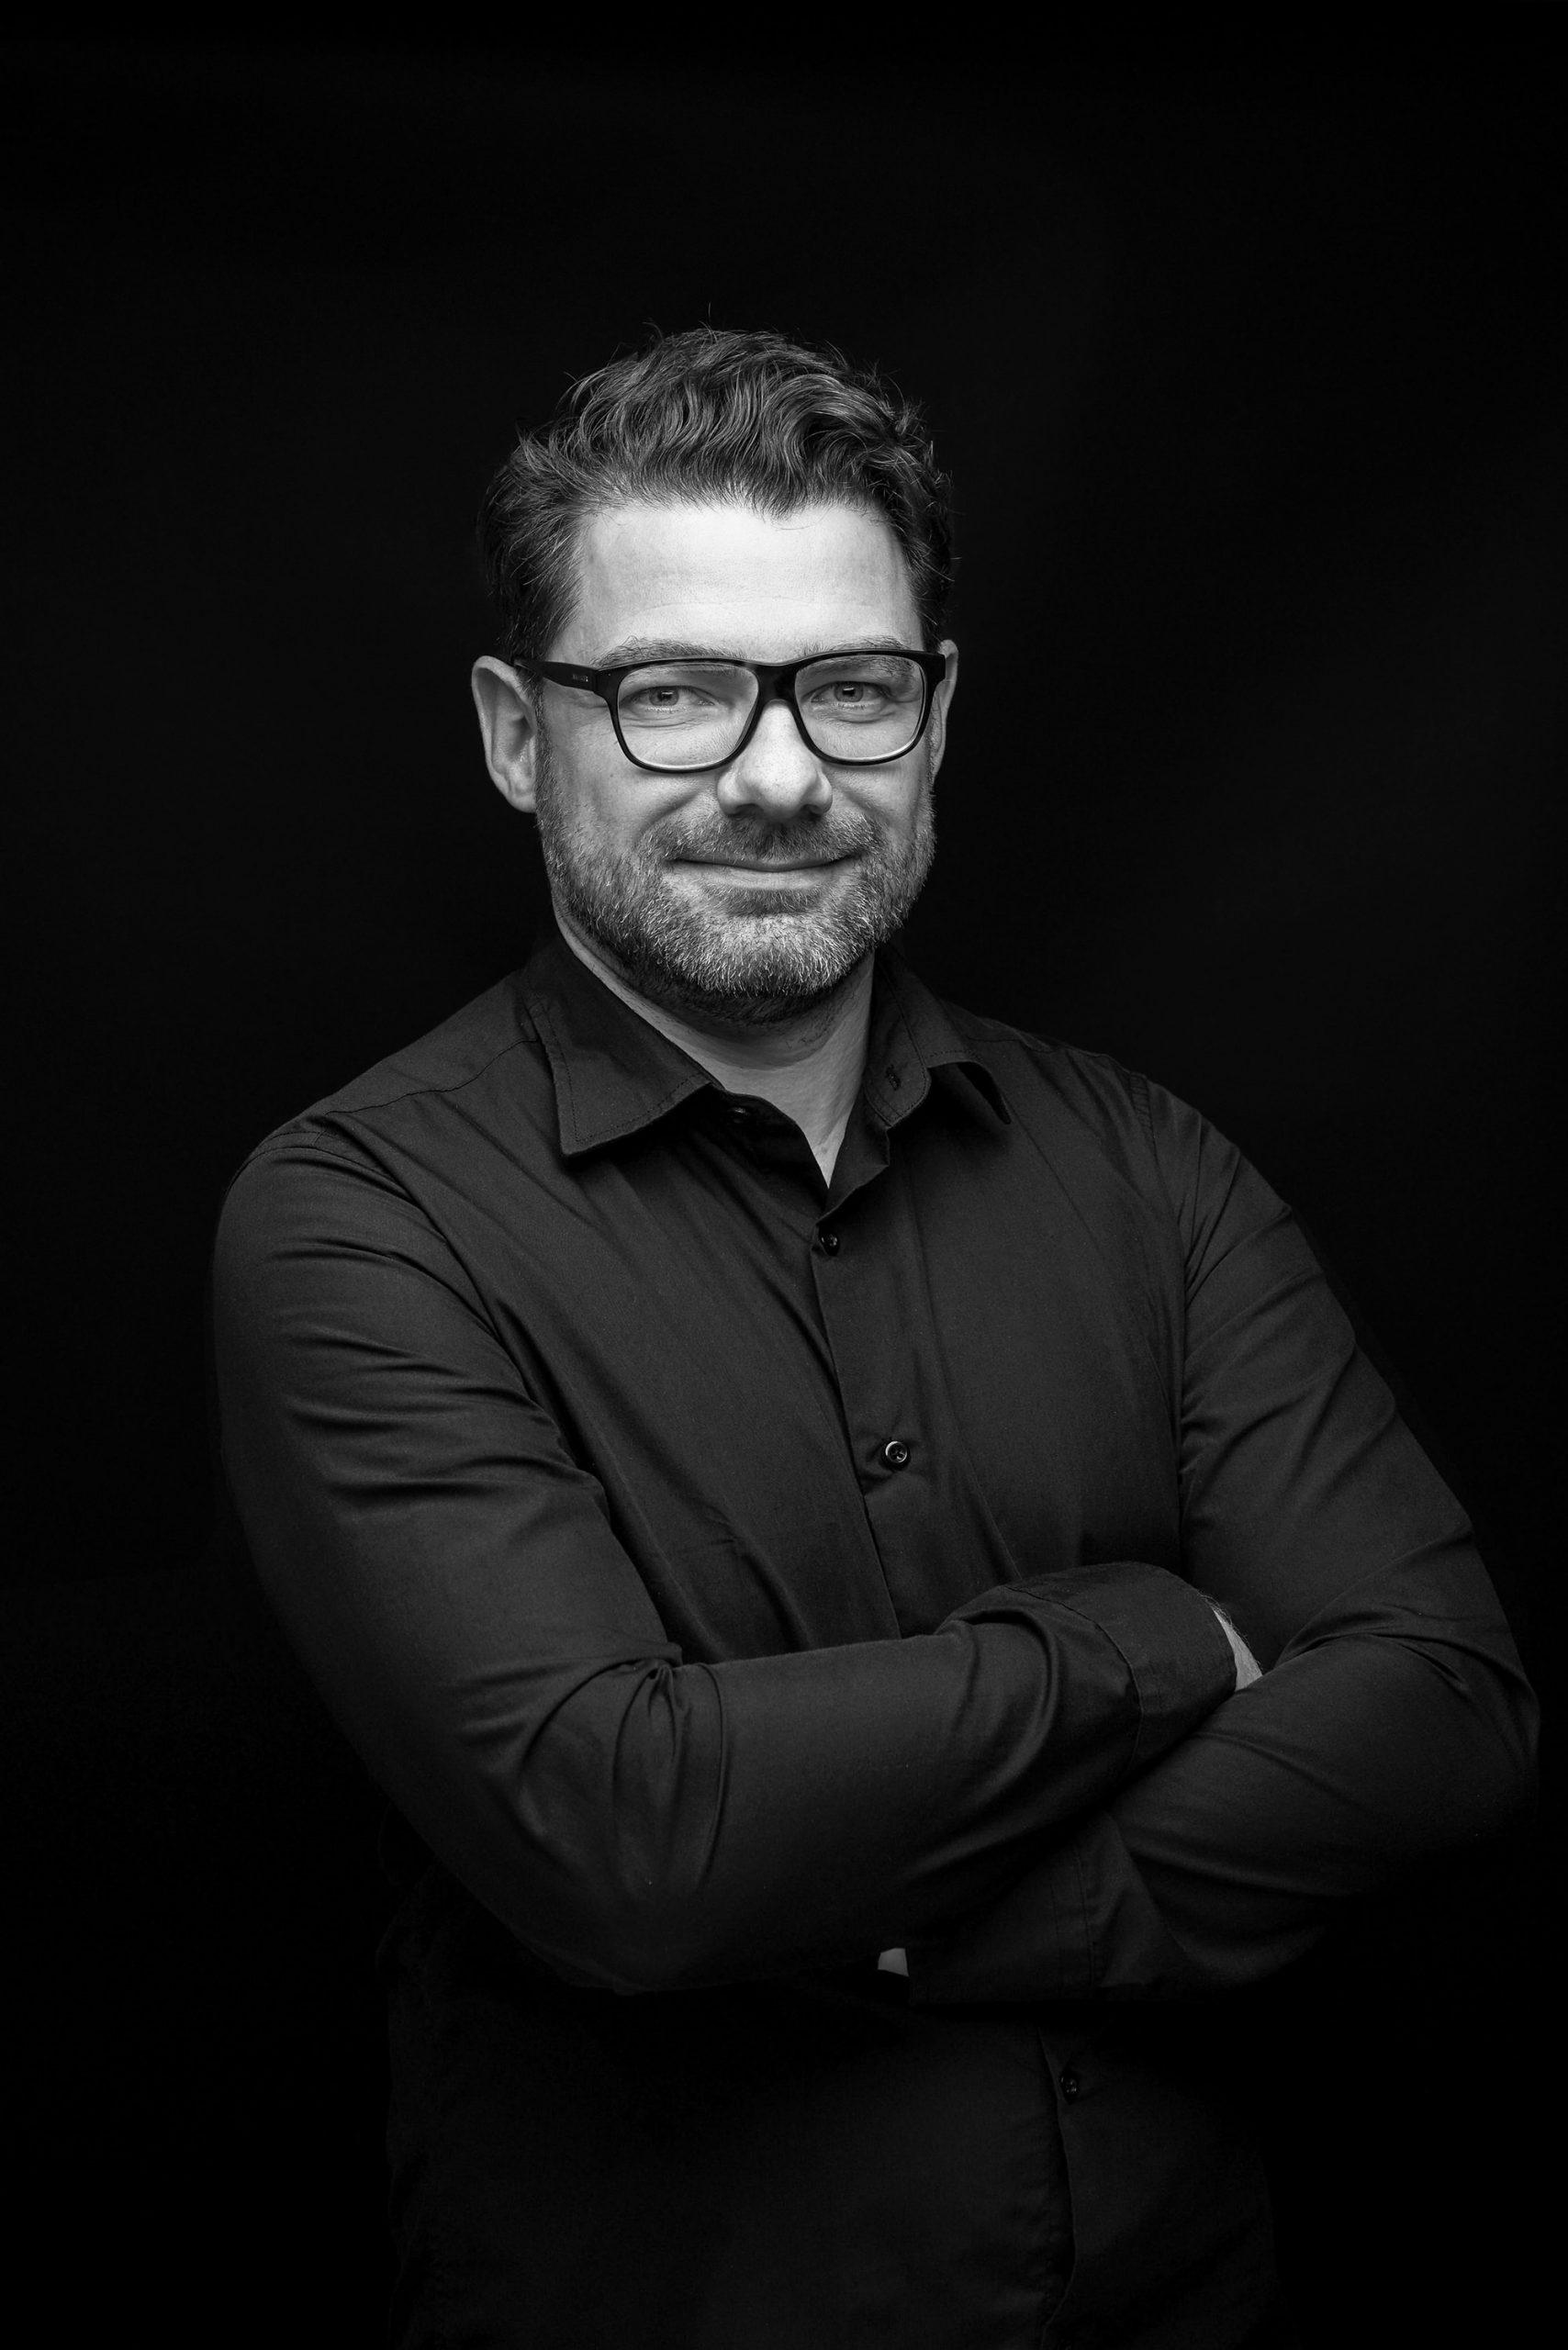 Robert Neumann